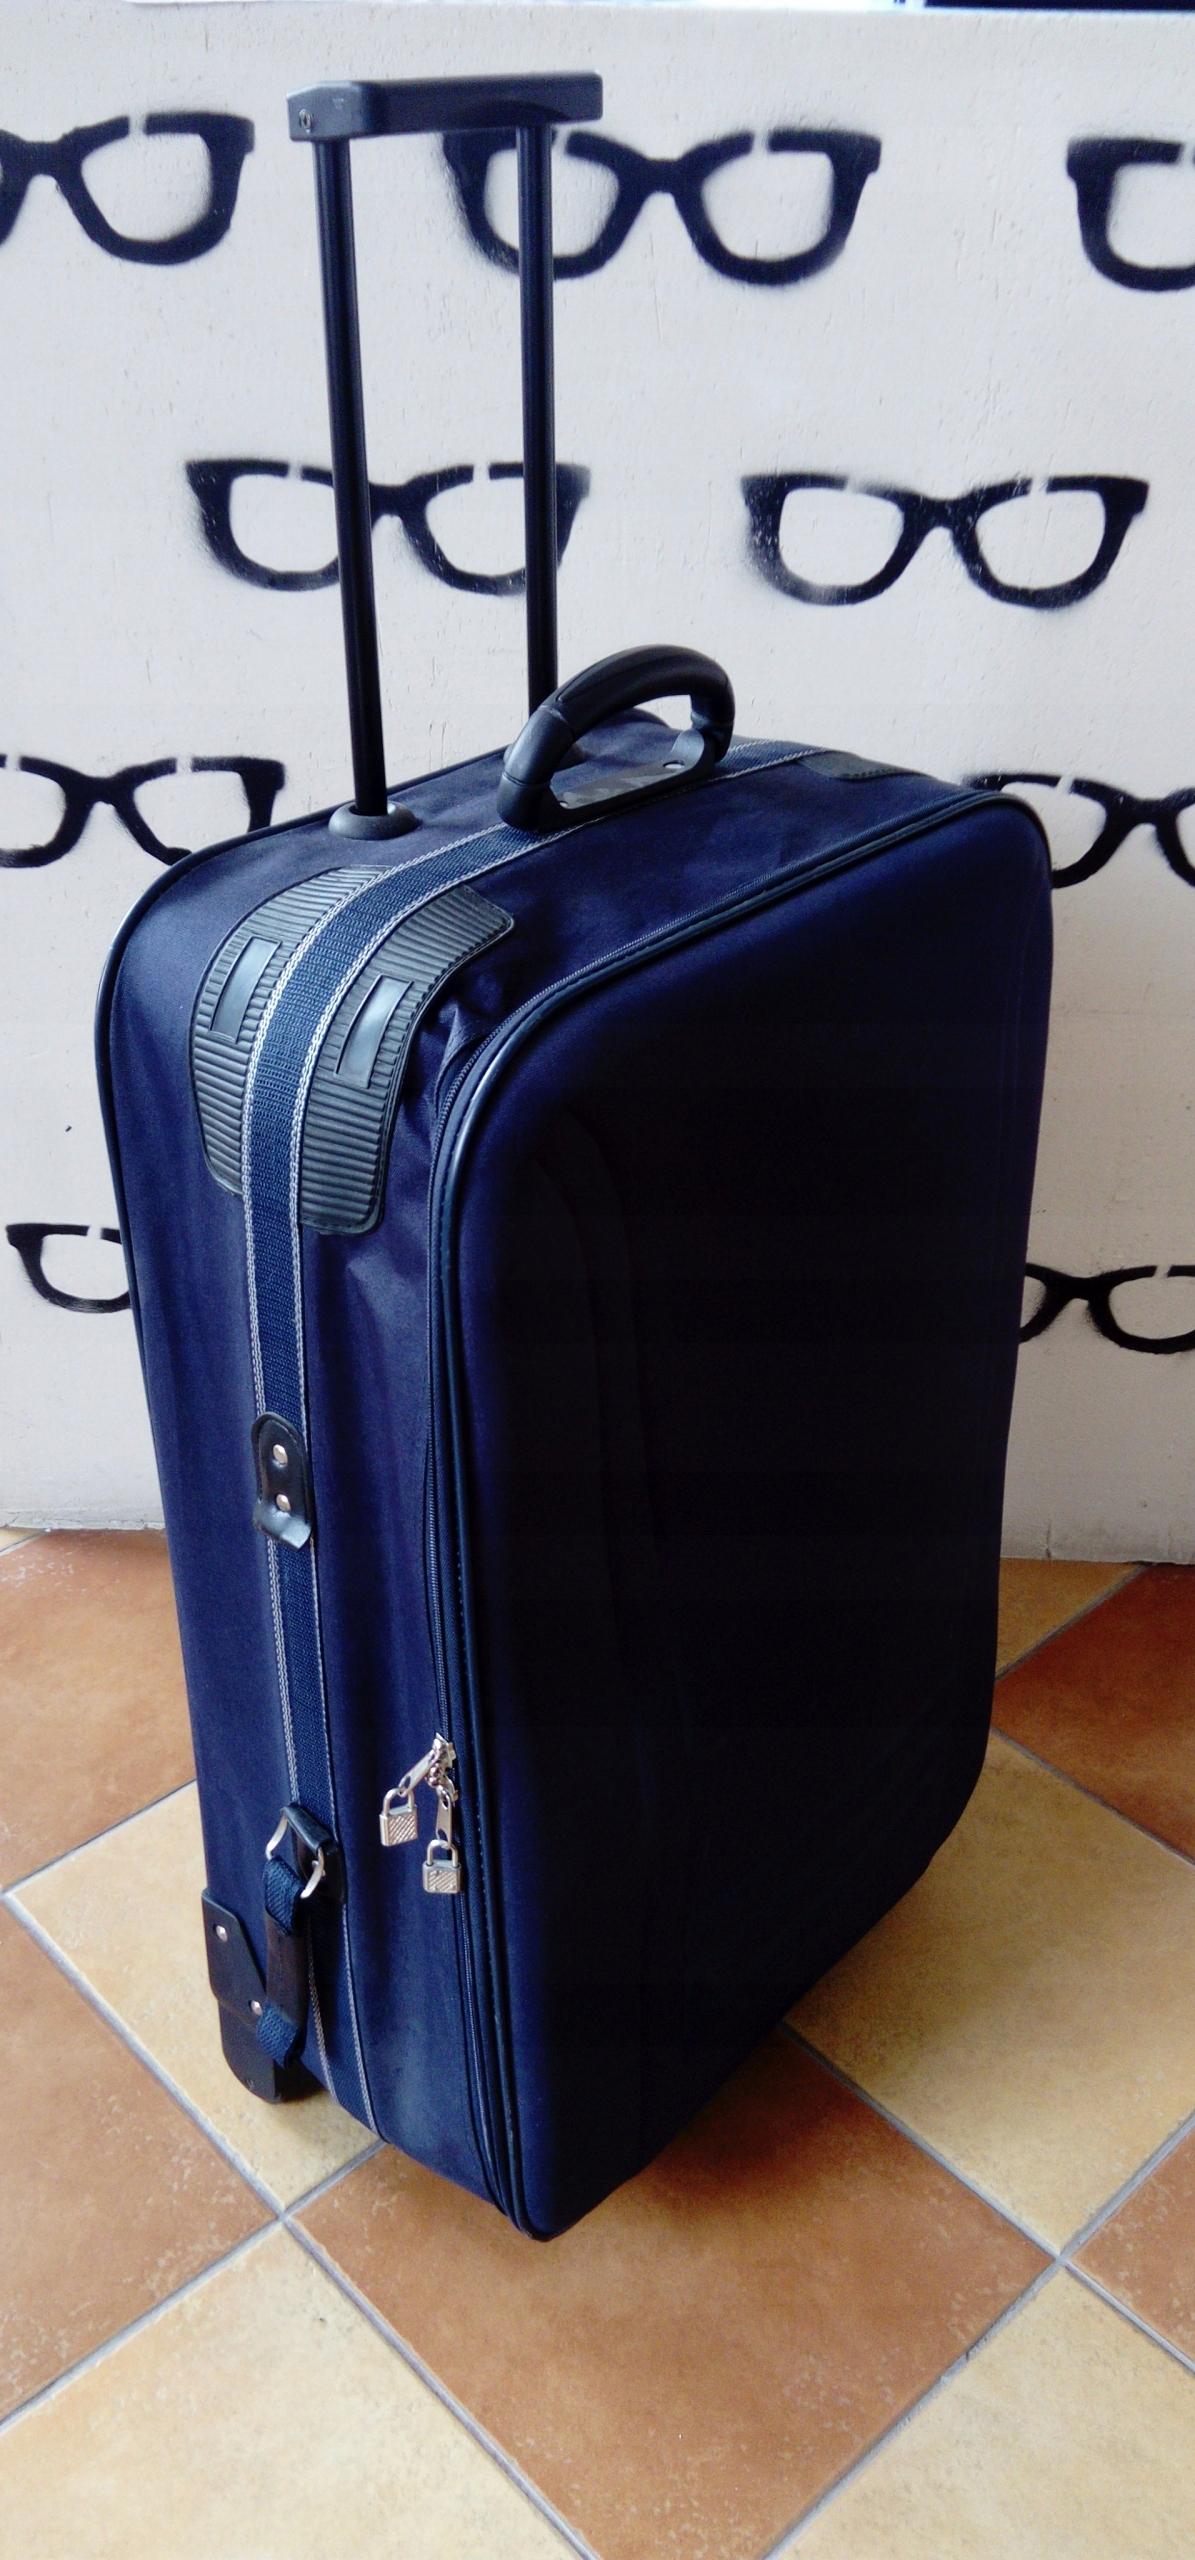 c86b42b2e81ae torba podróżna na kółkach Gdańsk w Oficjalnym Archiwum Allegro - archiwum  ofert